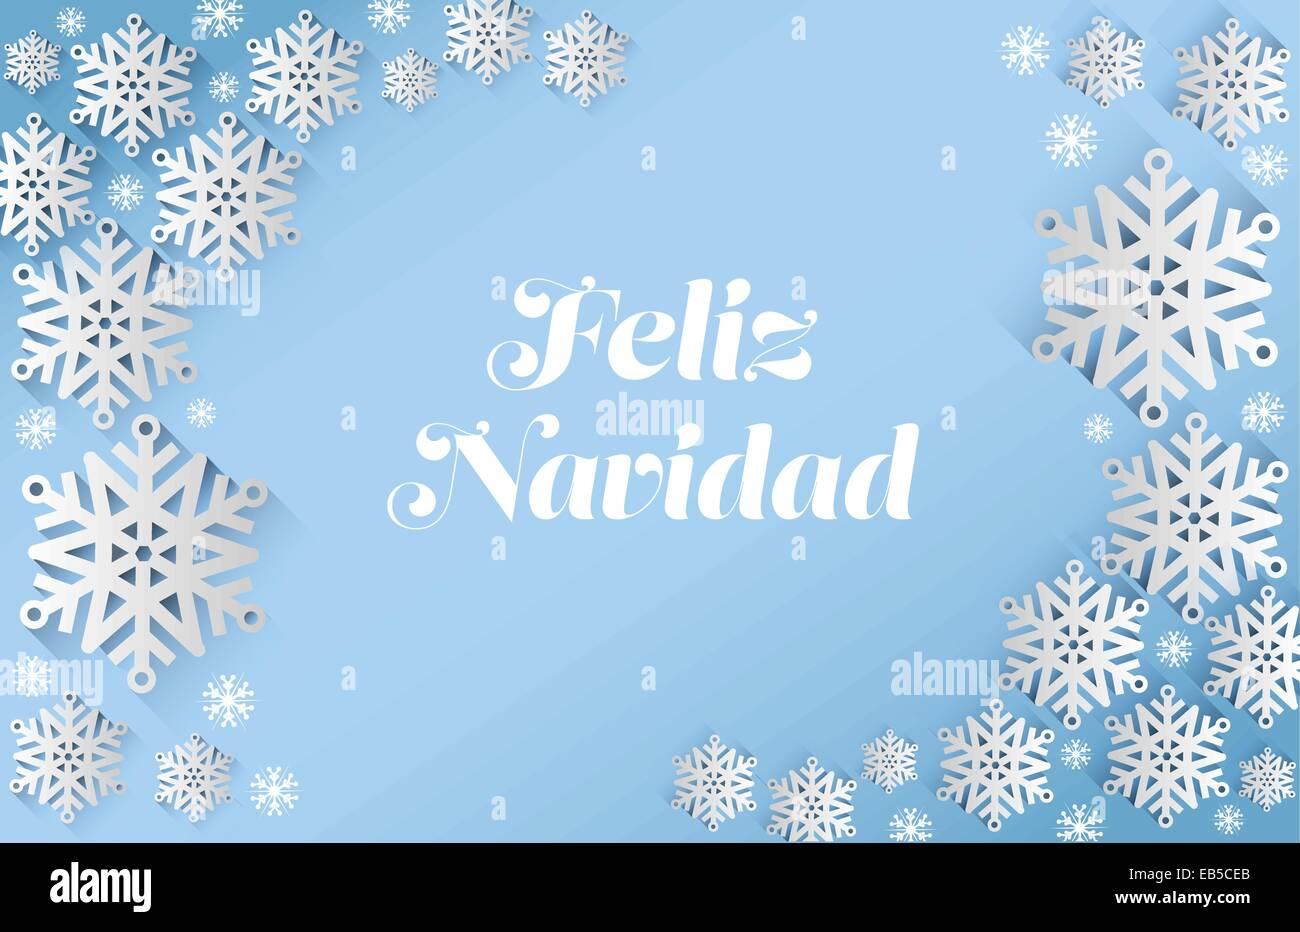 Mensaje de Feliz navidad con copos de nieve Imagen De Stock